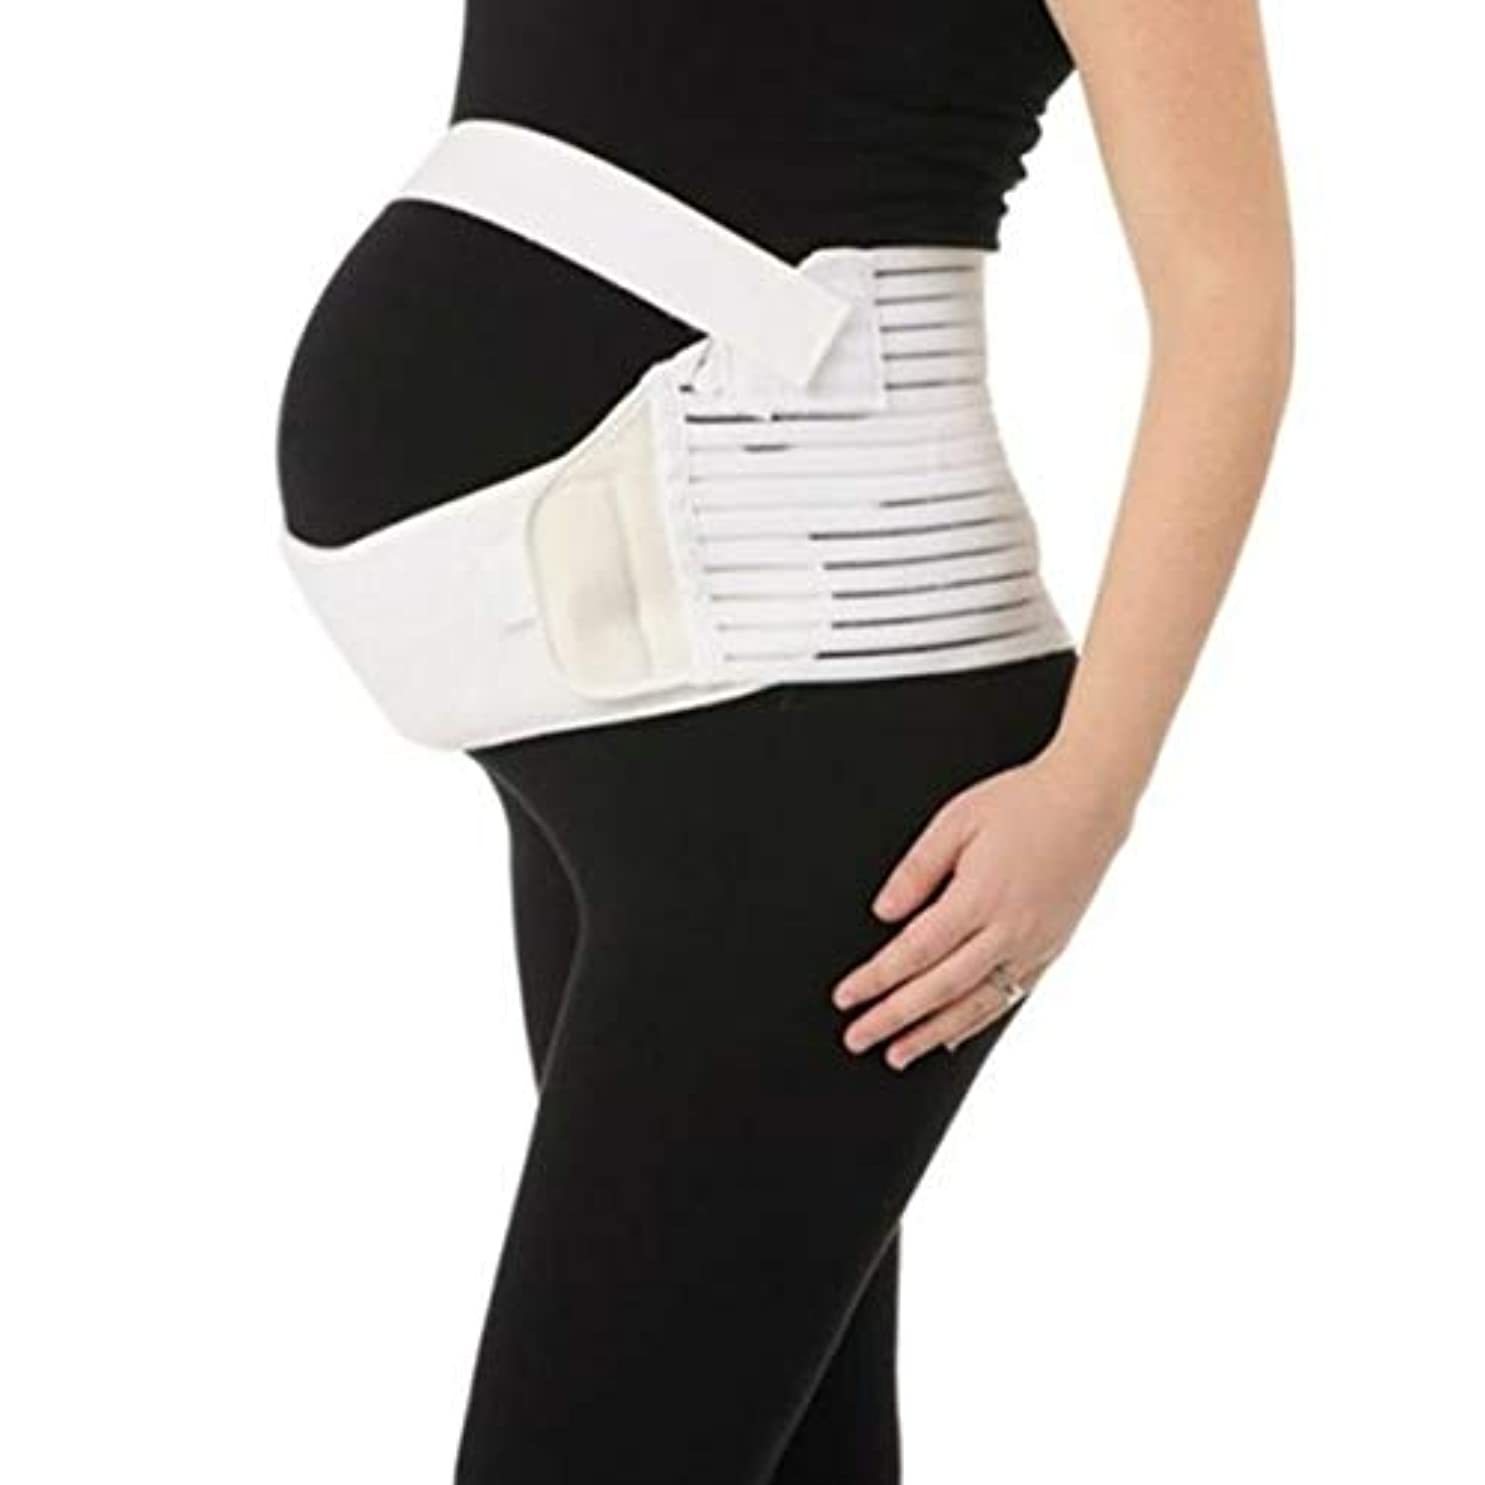 アルミニウムブラジャー巻き戻す通気性マタニティベルト妊娠腹部サポート腹部バインダーガードル運動包帯産後の回復shapewear - ホワイトL